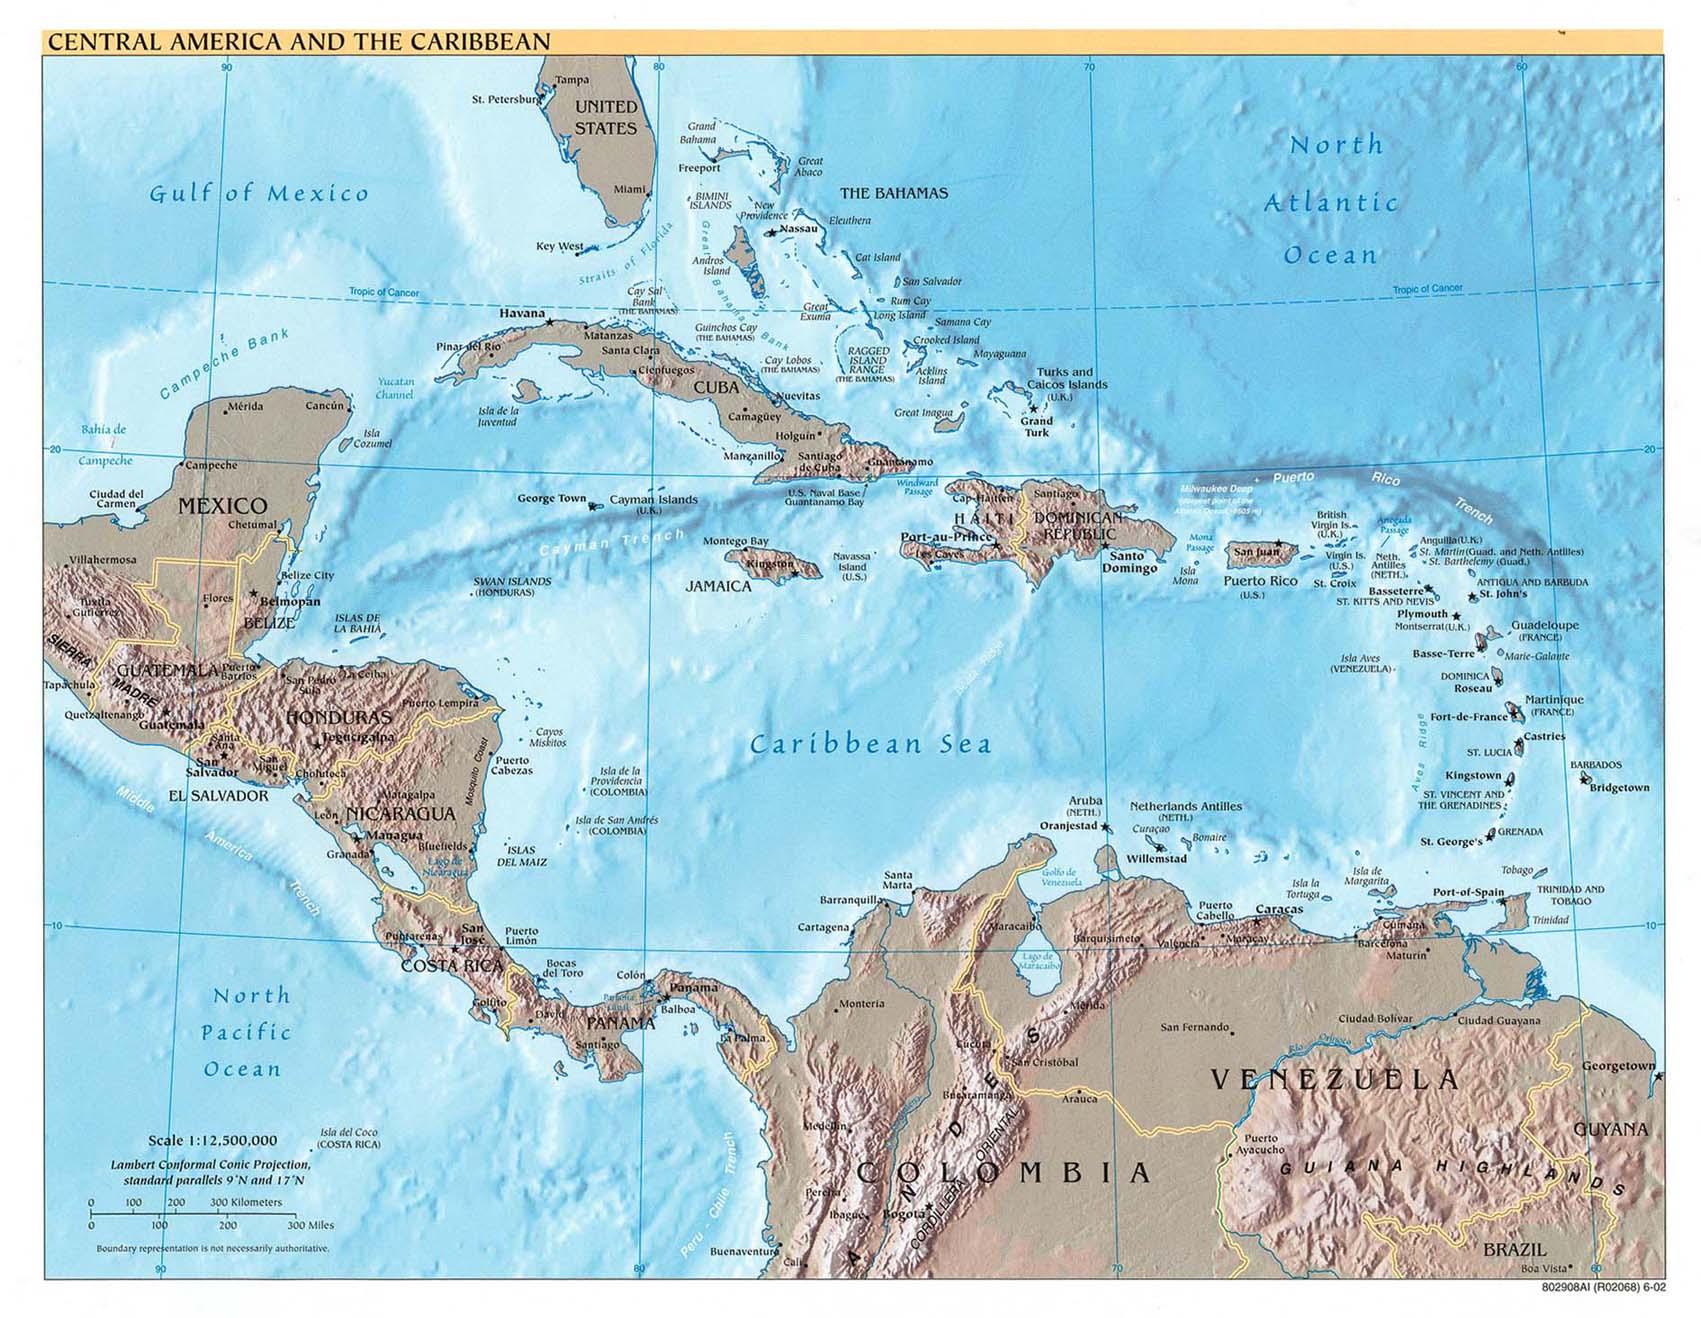 Mapa Físico de América Central y del Caribe 2002